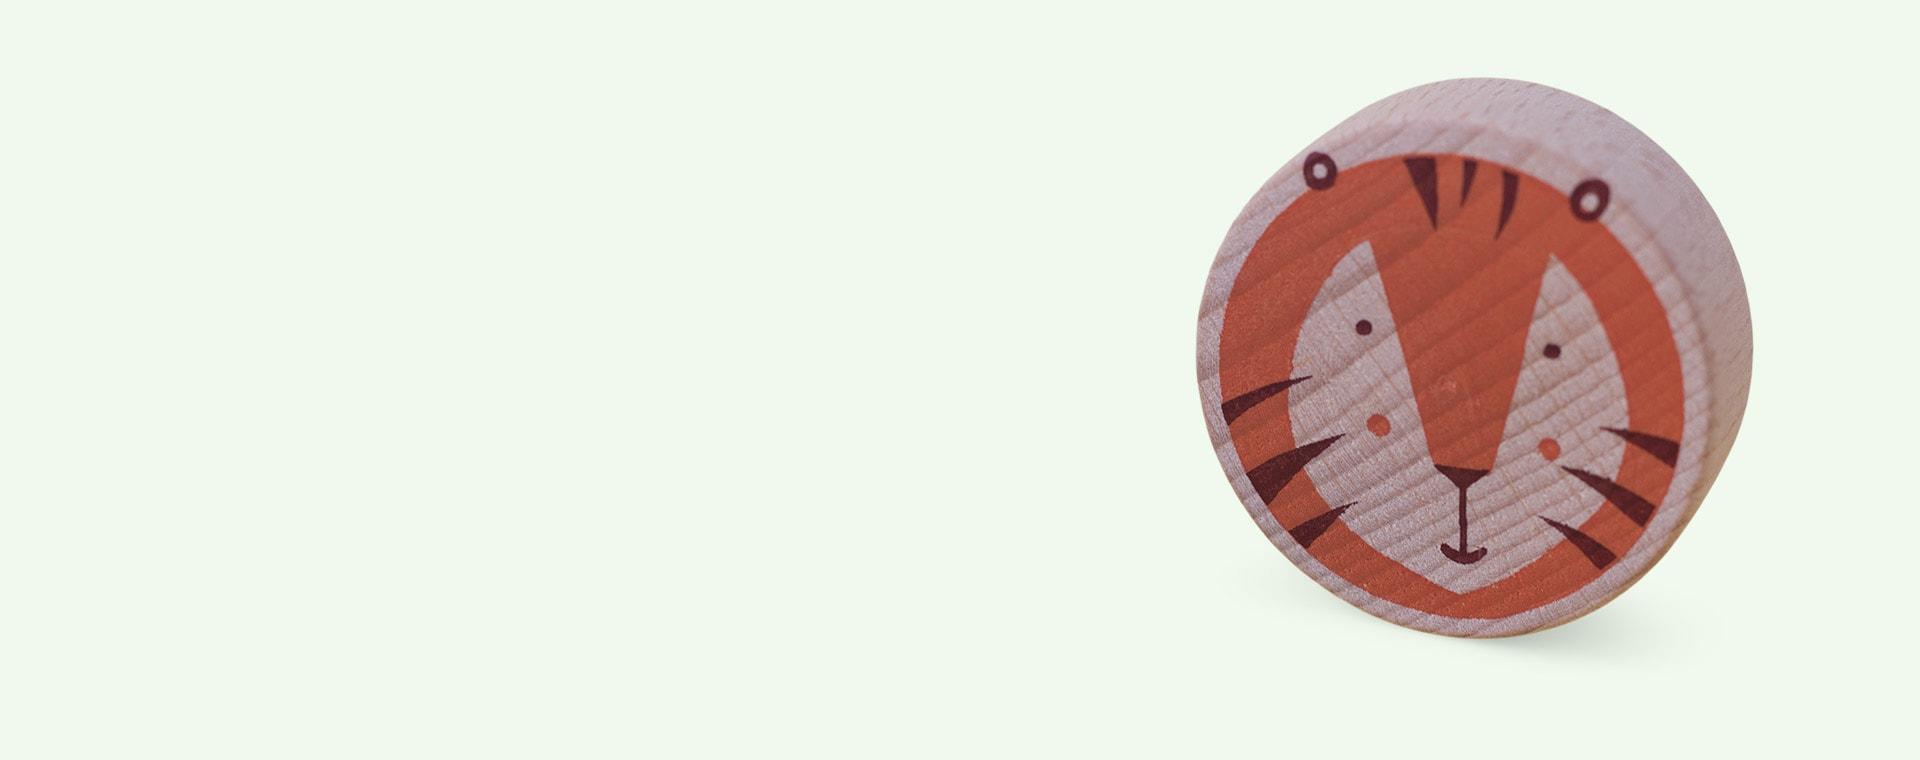 Multi Londji Lion & Tiger Tic Tac Toe